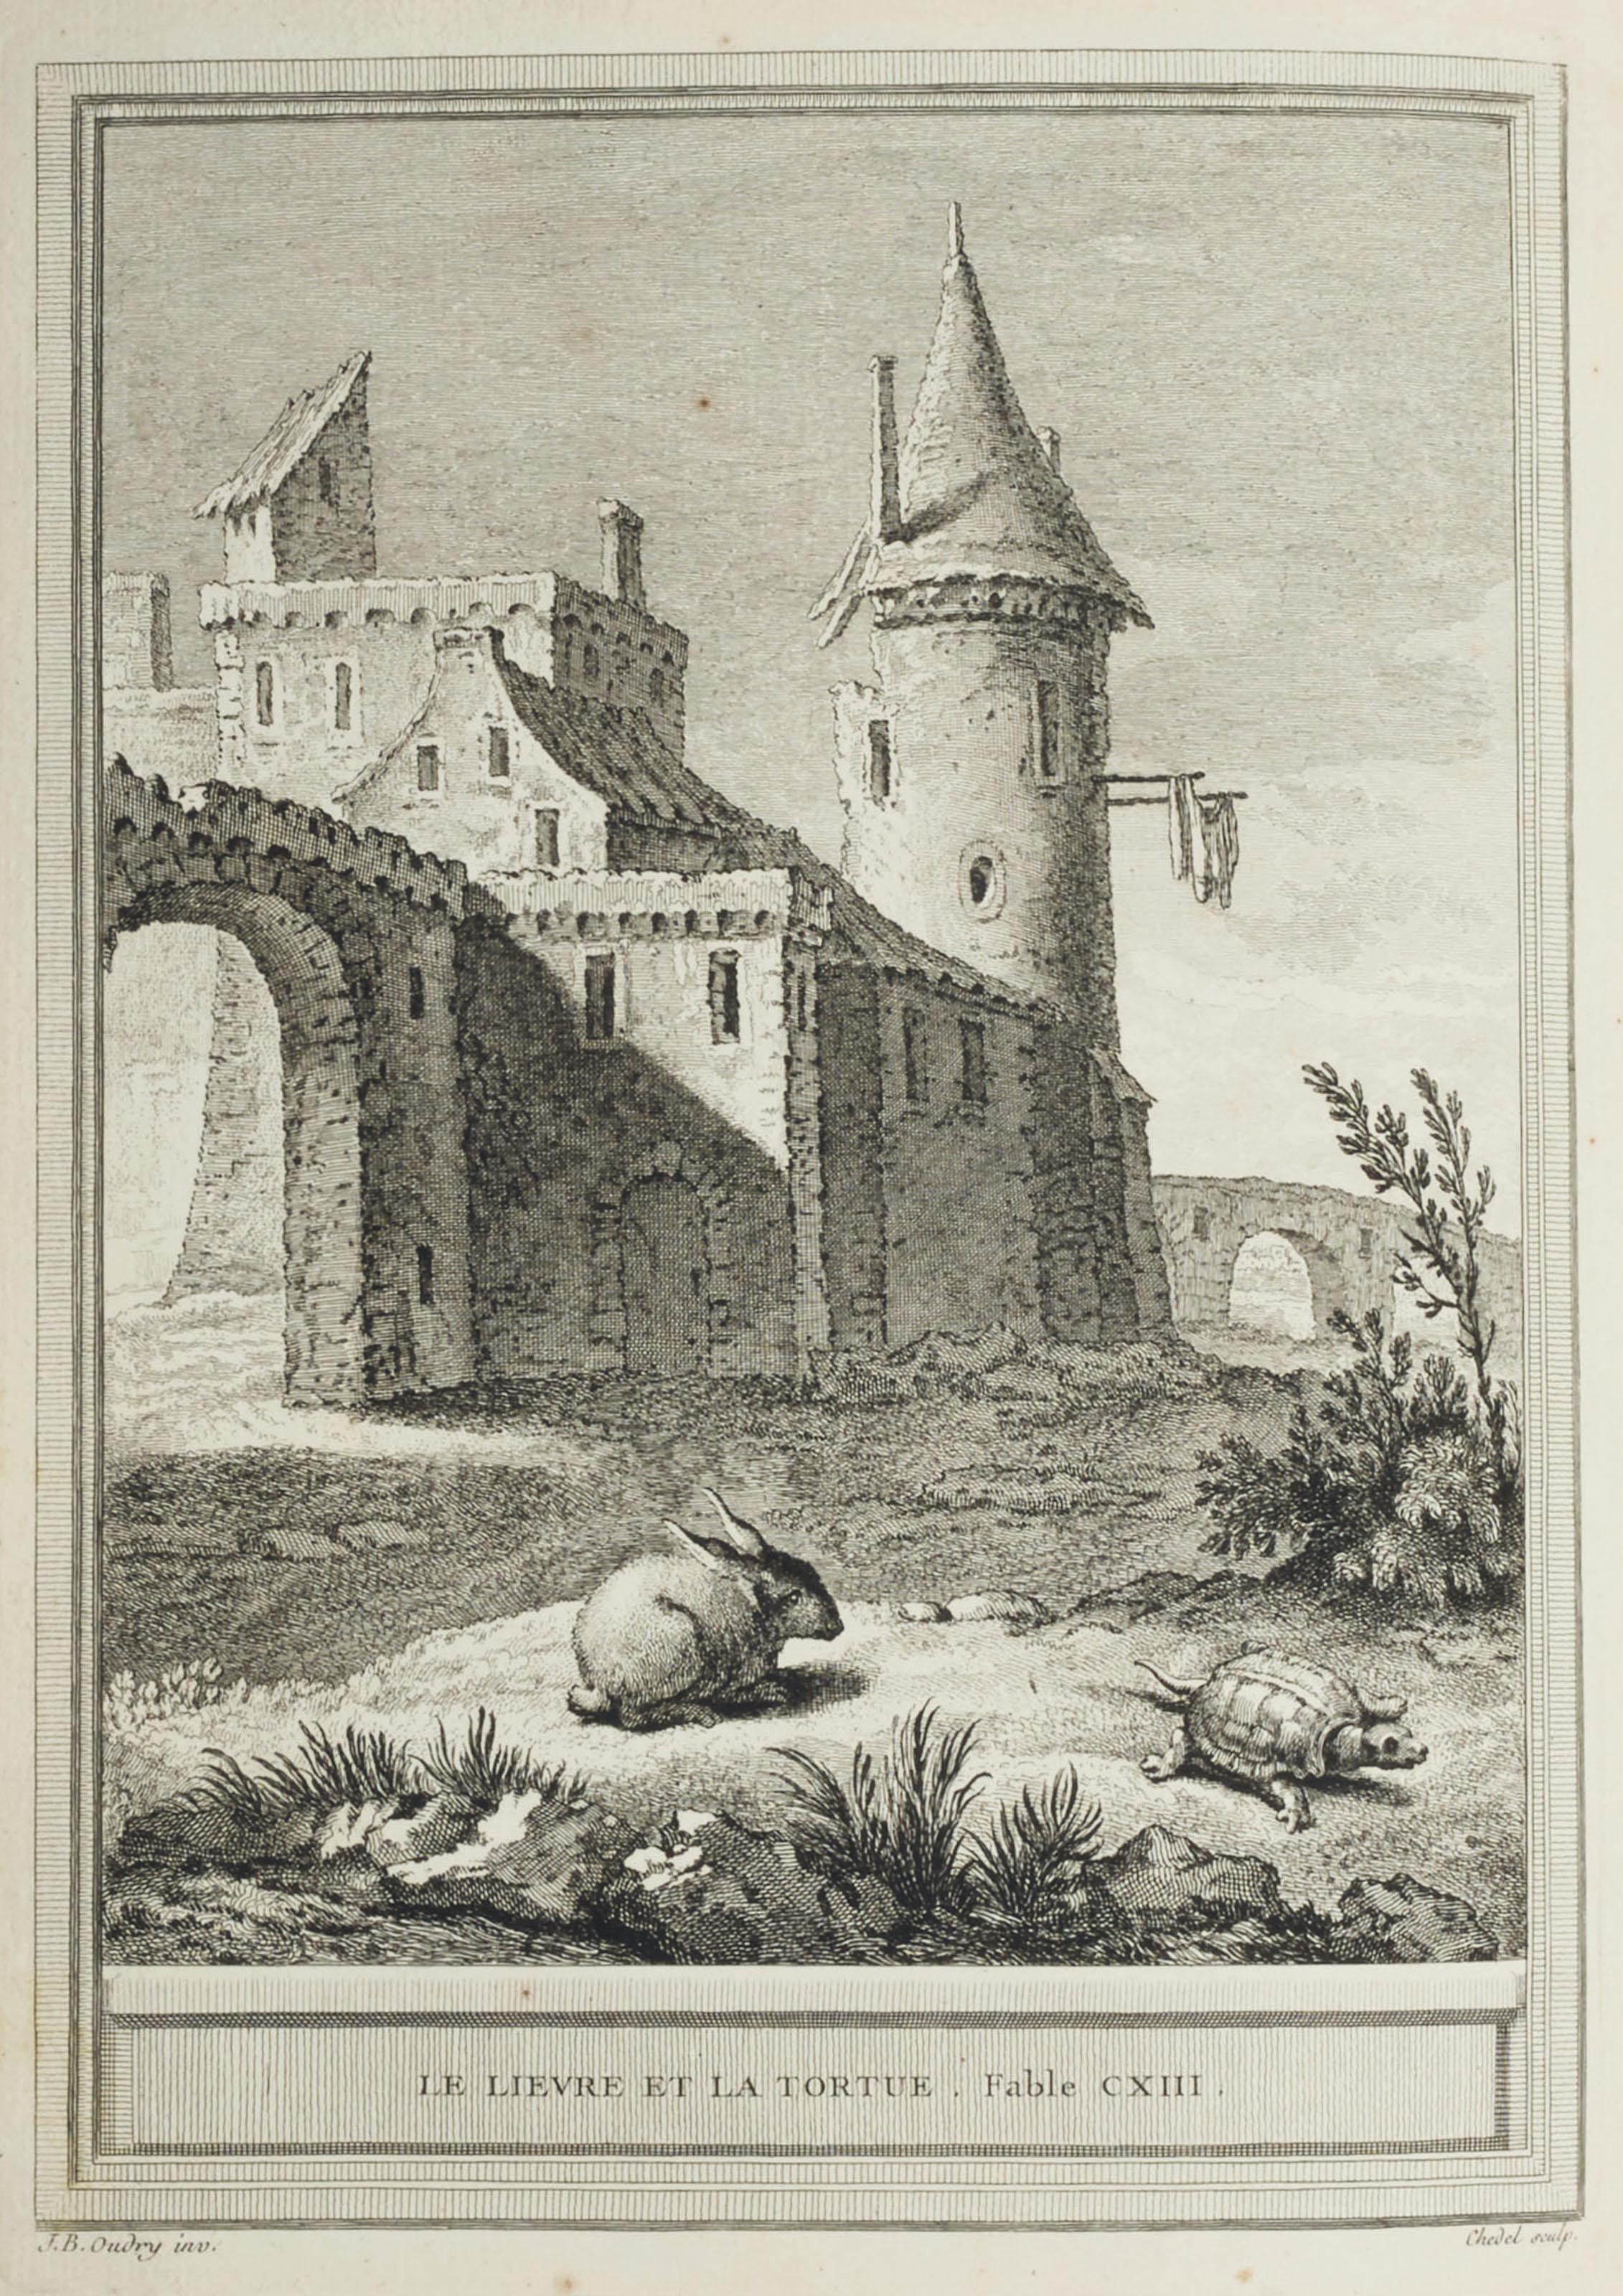 LA FONTAINE, Jean de (1621-1695). Fables choisies, mises en vers. Paris : Charles-Antoine Jombert pour Desaint & Saillant et Durand, 1755-1759.